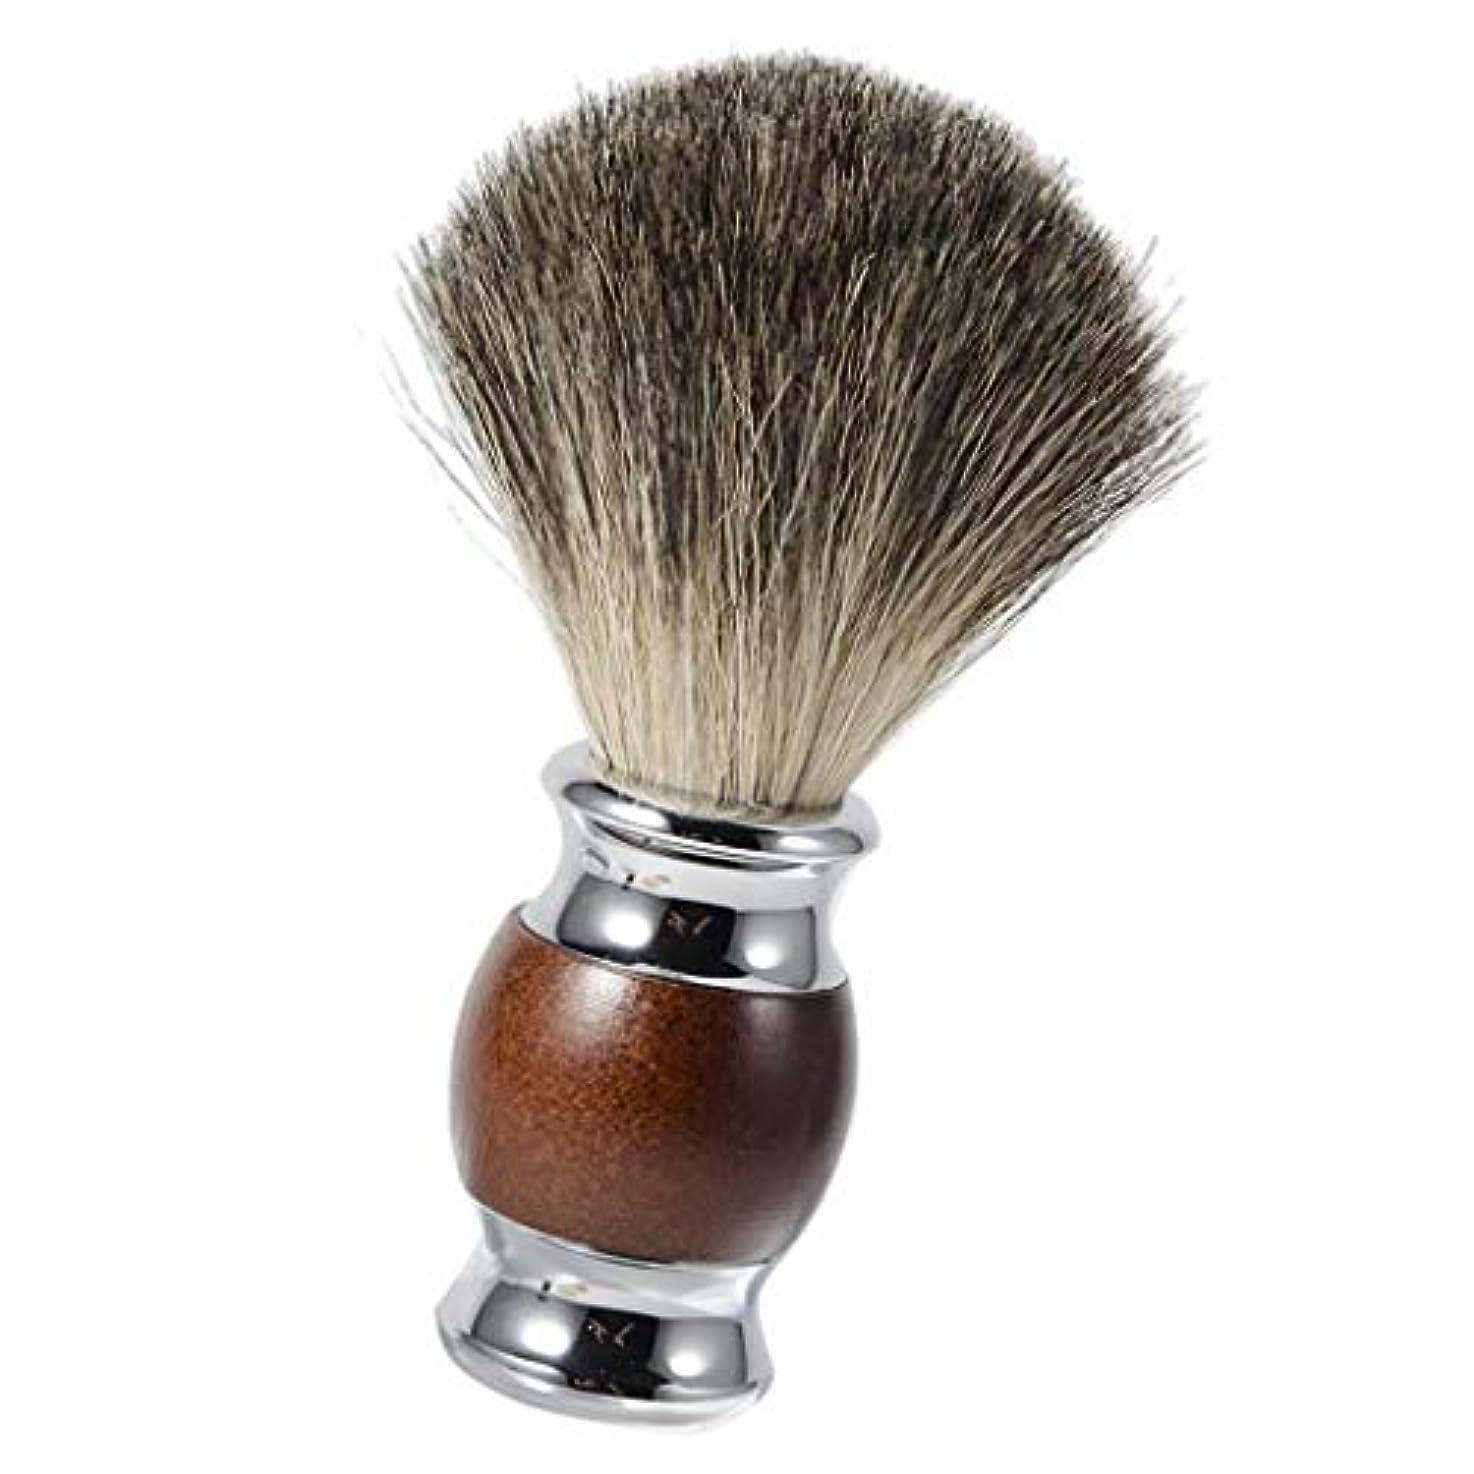 美徳矢ヶ月目Baoblaze ひげブラシ シェービングブラシ 木製ハンドル 理容 洗顔 髭剃り 泡立ち メンズ用 友人にプレゼント